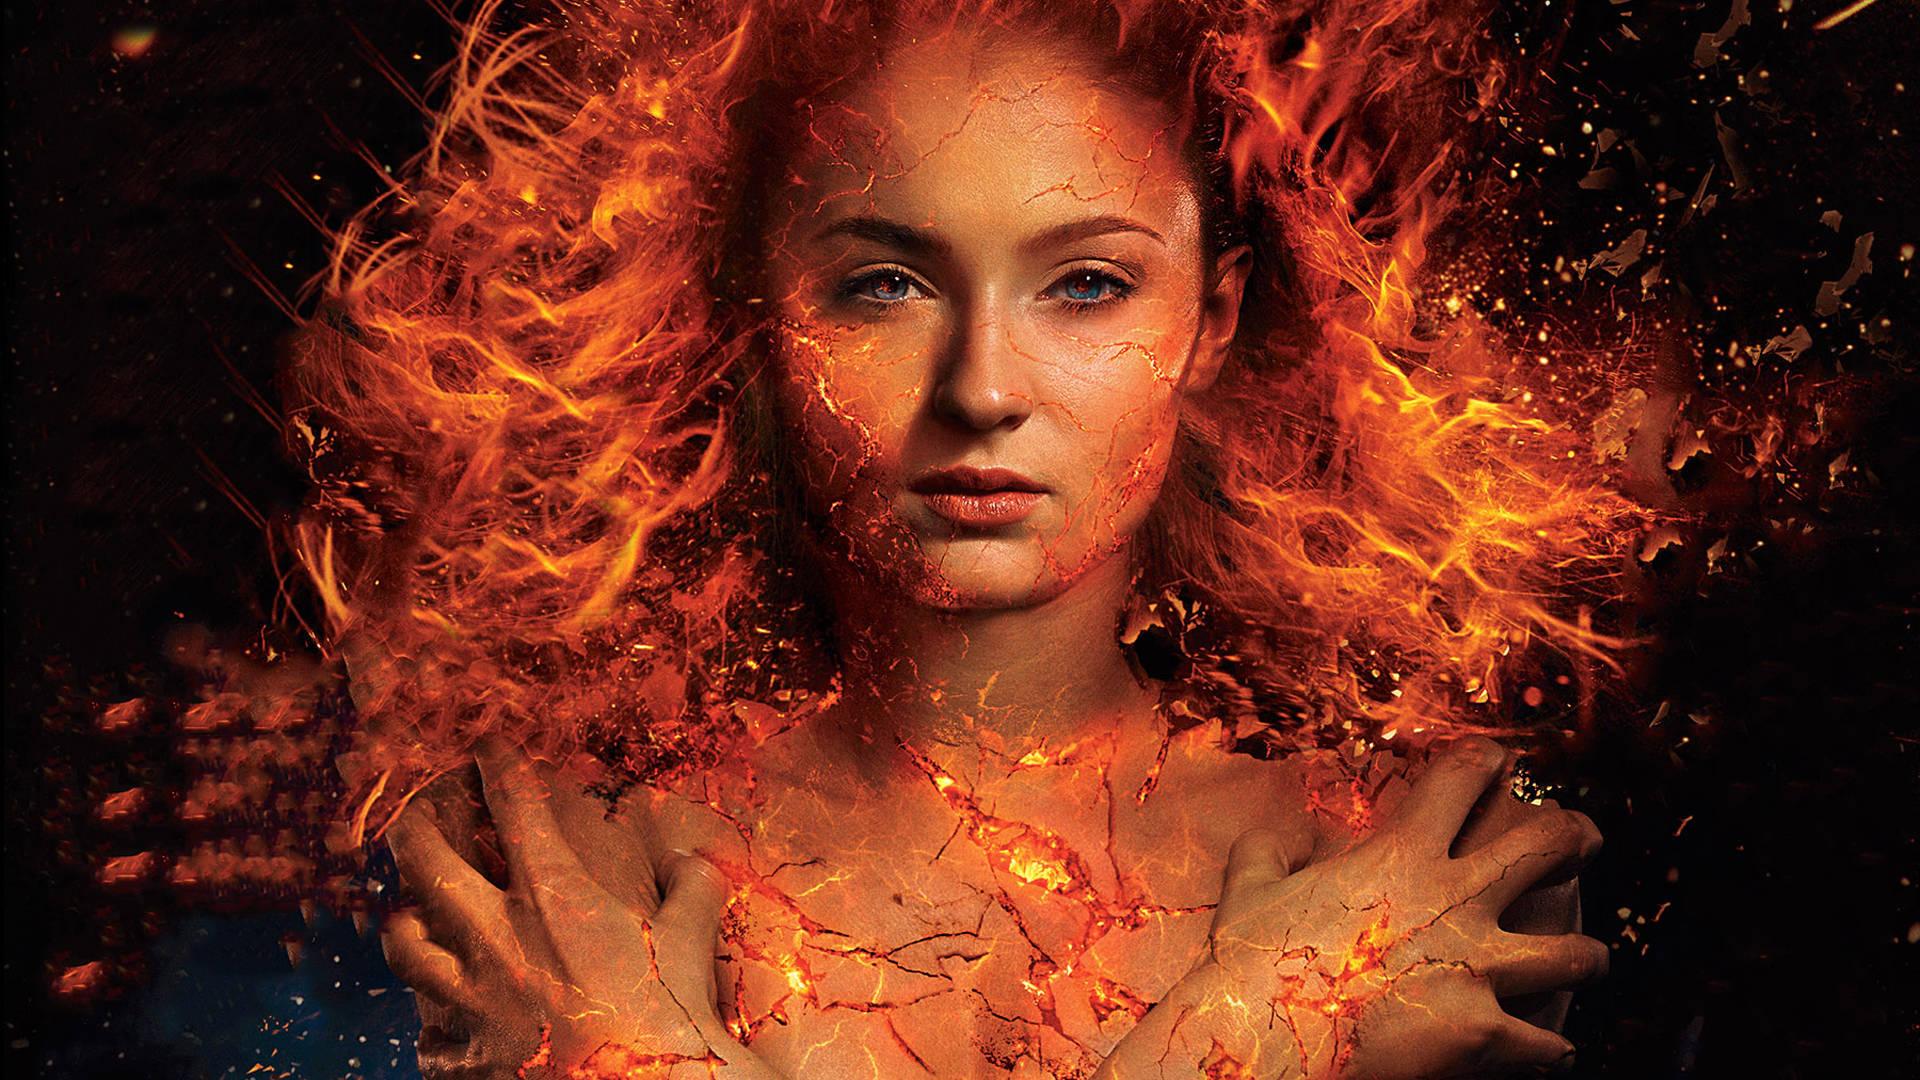 Xmen dark phoenix copertina